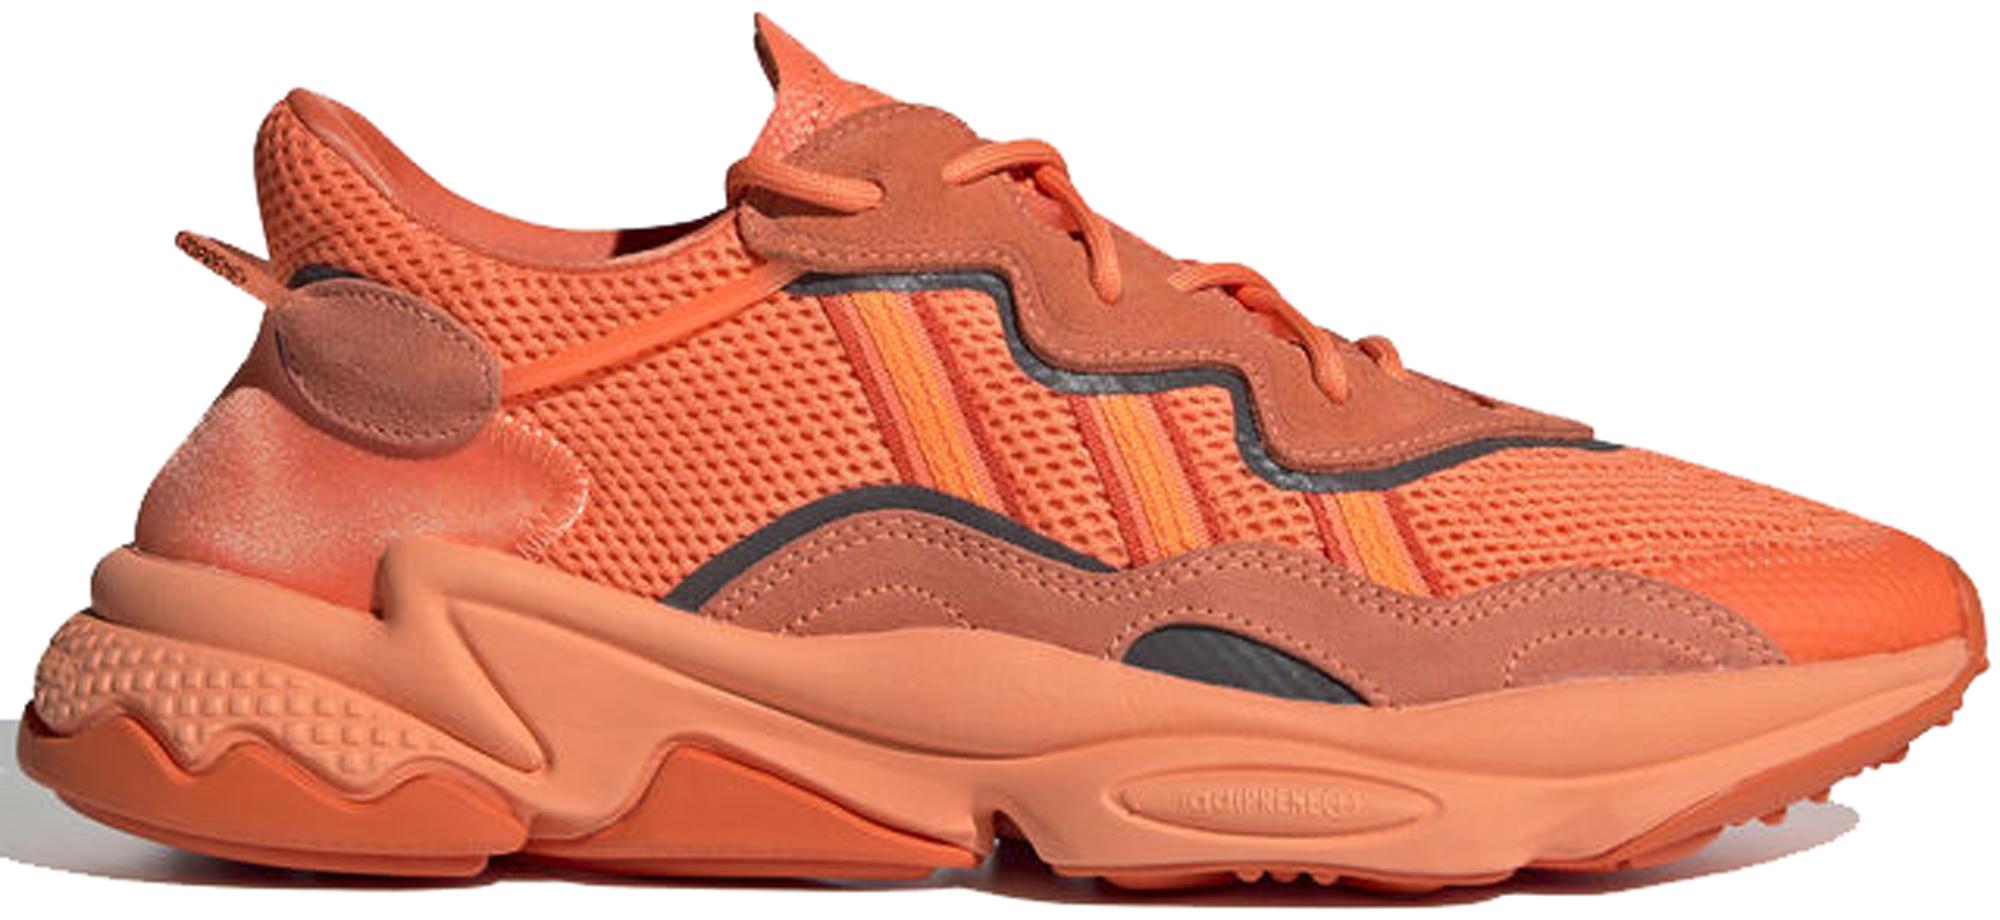 adidas Ozweego Orange - EE6465